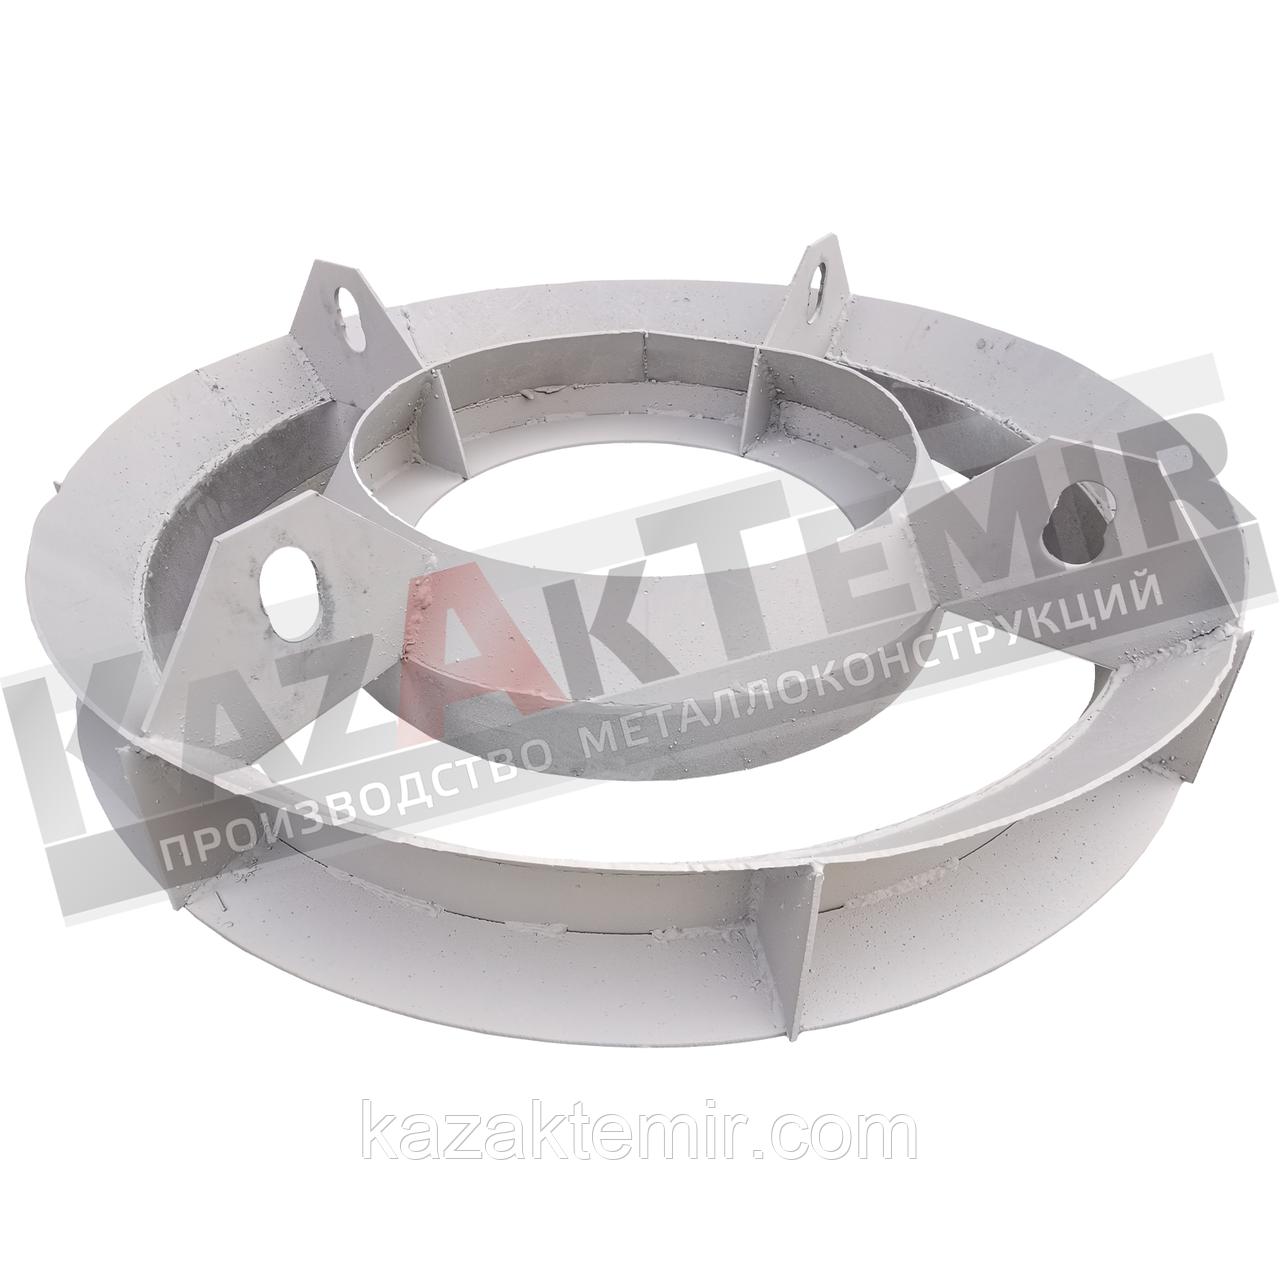 КО-6 виброформа (h-70) для производства плит перекрытия колец